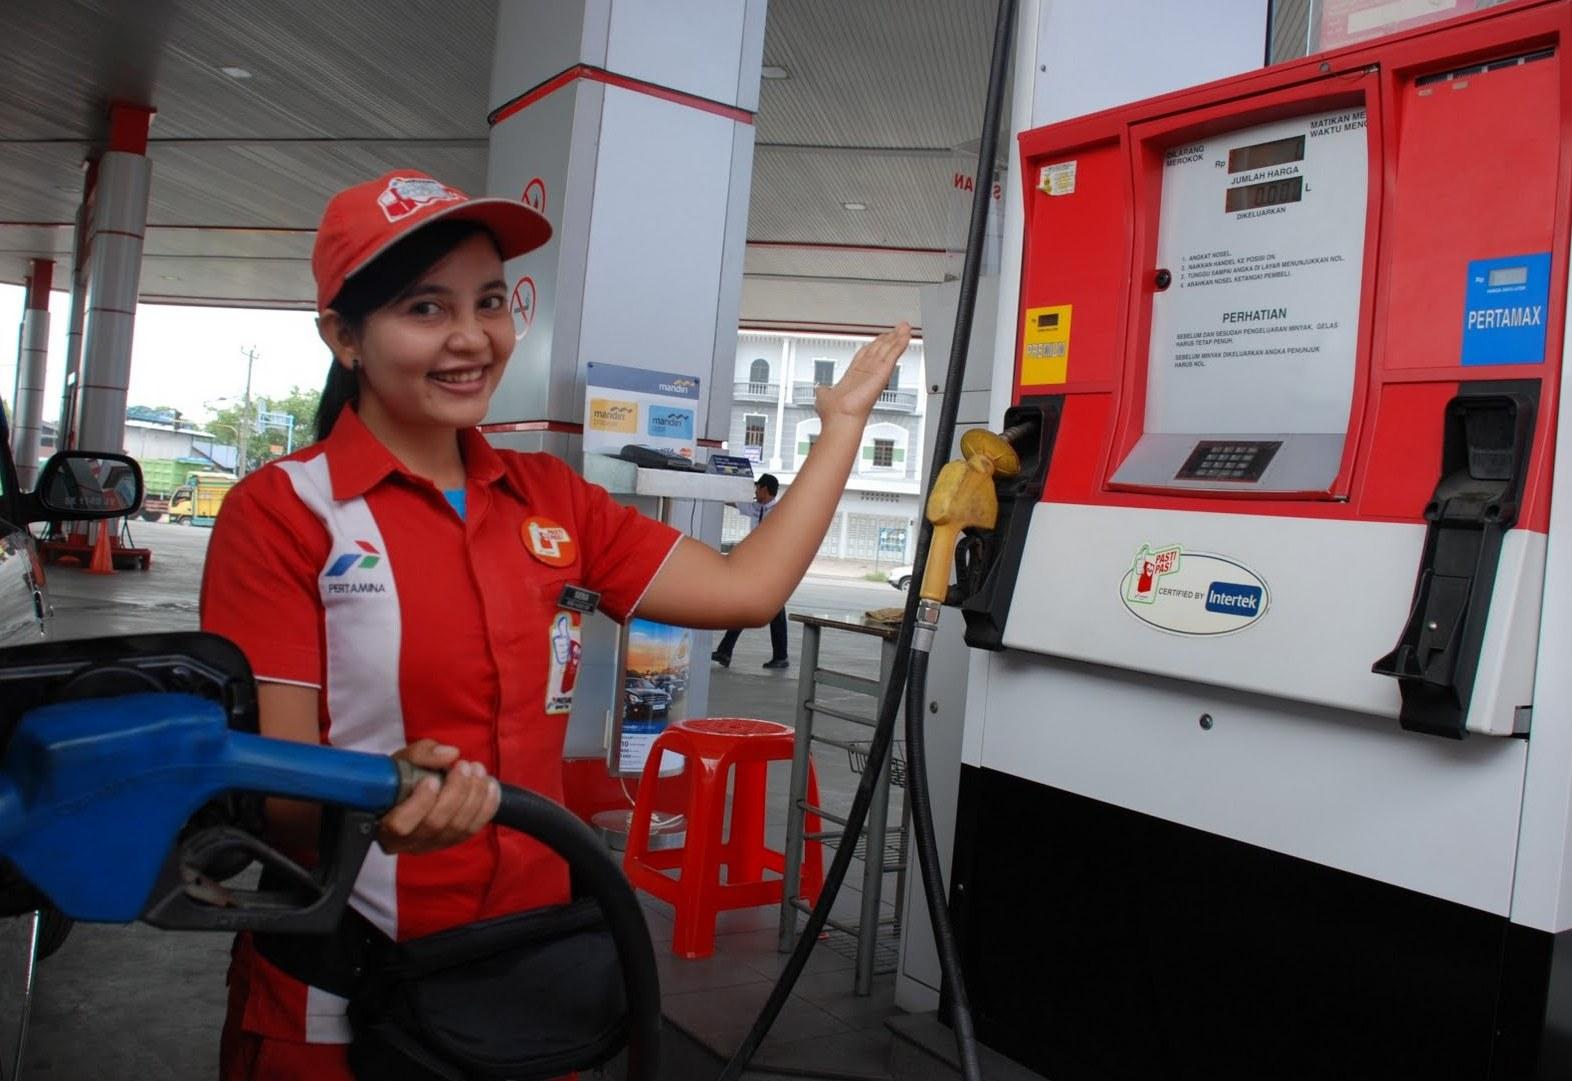 Rasio Kompresi Grand New Avanza Spesifikasi 2016 Ron Dan Mobil Di Indonesia Untuk Bbm Yang Tepat Nah Aneh Adalah Toyota Pada Banyak Majalah Otomotif Disebutkan Ini 11 1 Dimana Seharusnya Memakai Pertamax Plus